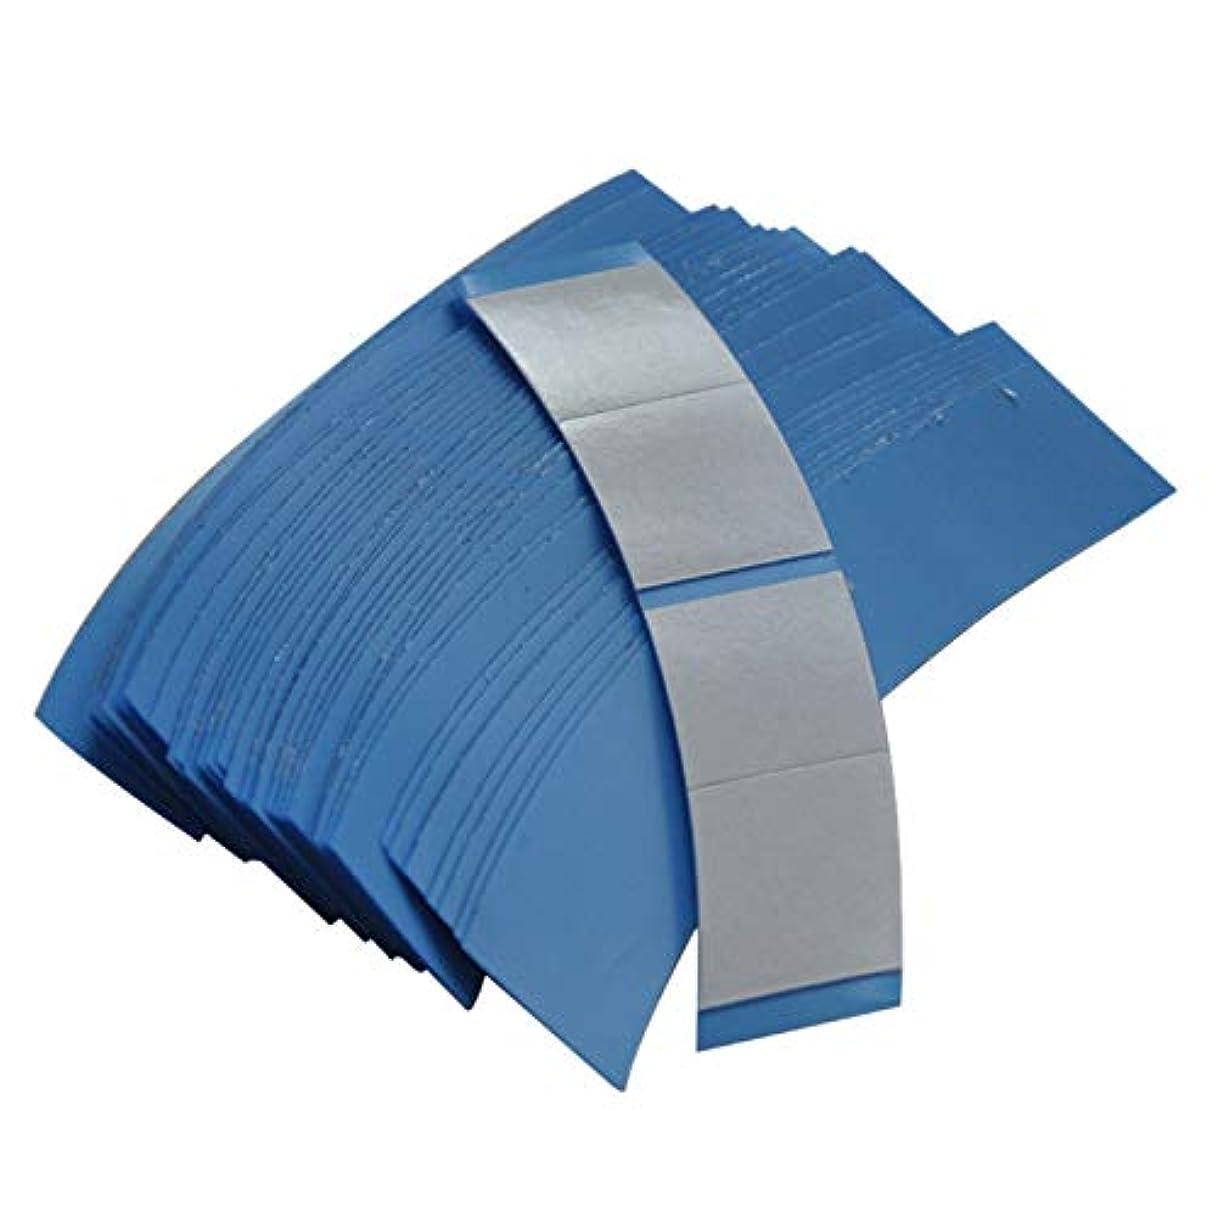 オーガニック示す着るSODIAL 36個/ロット ブルー スーパー固定テープヘアシステム両面粘着テープ テープエクステンション/ウィッグ/レースウィッグ用